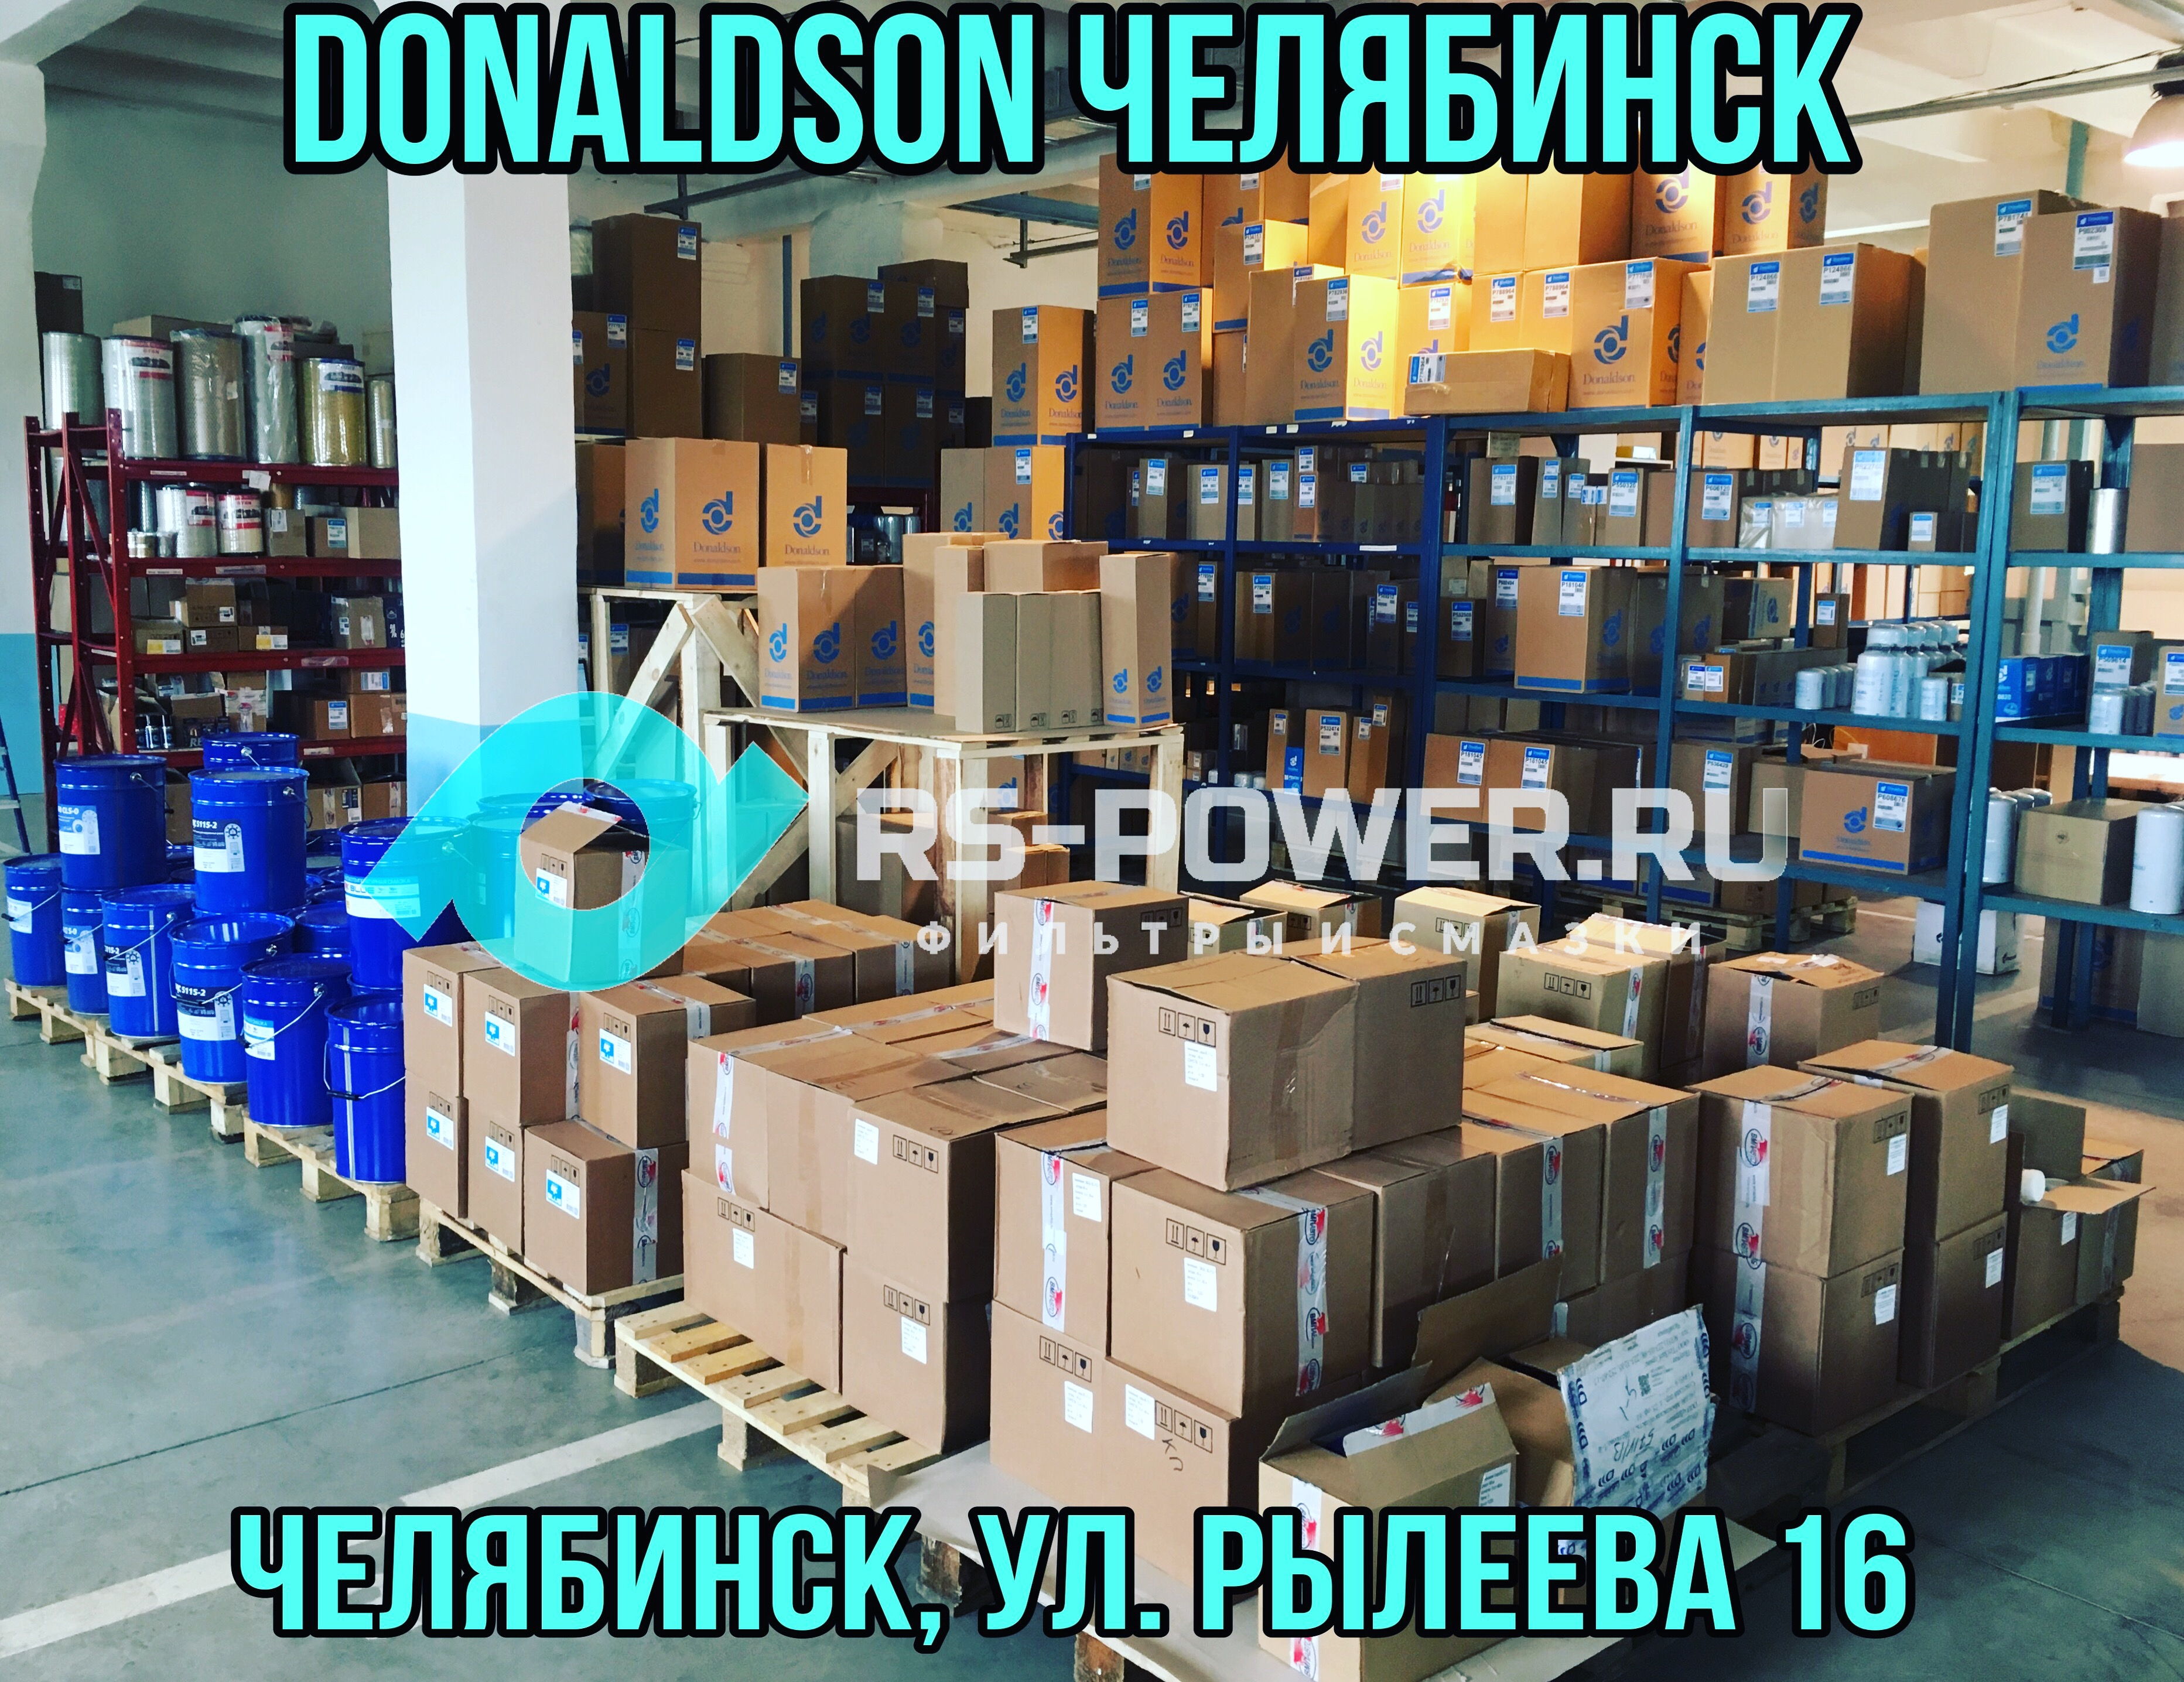 Новый склад фильтров в Челябинске - ул.Рылеева, 16